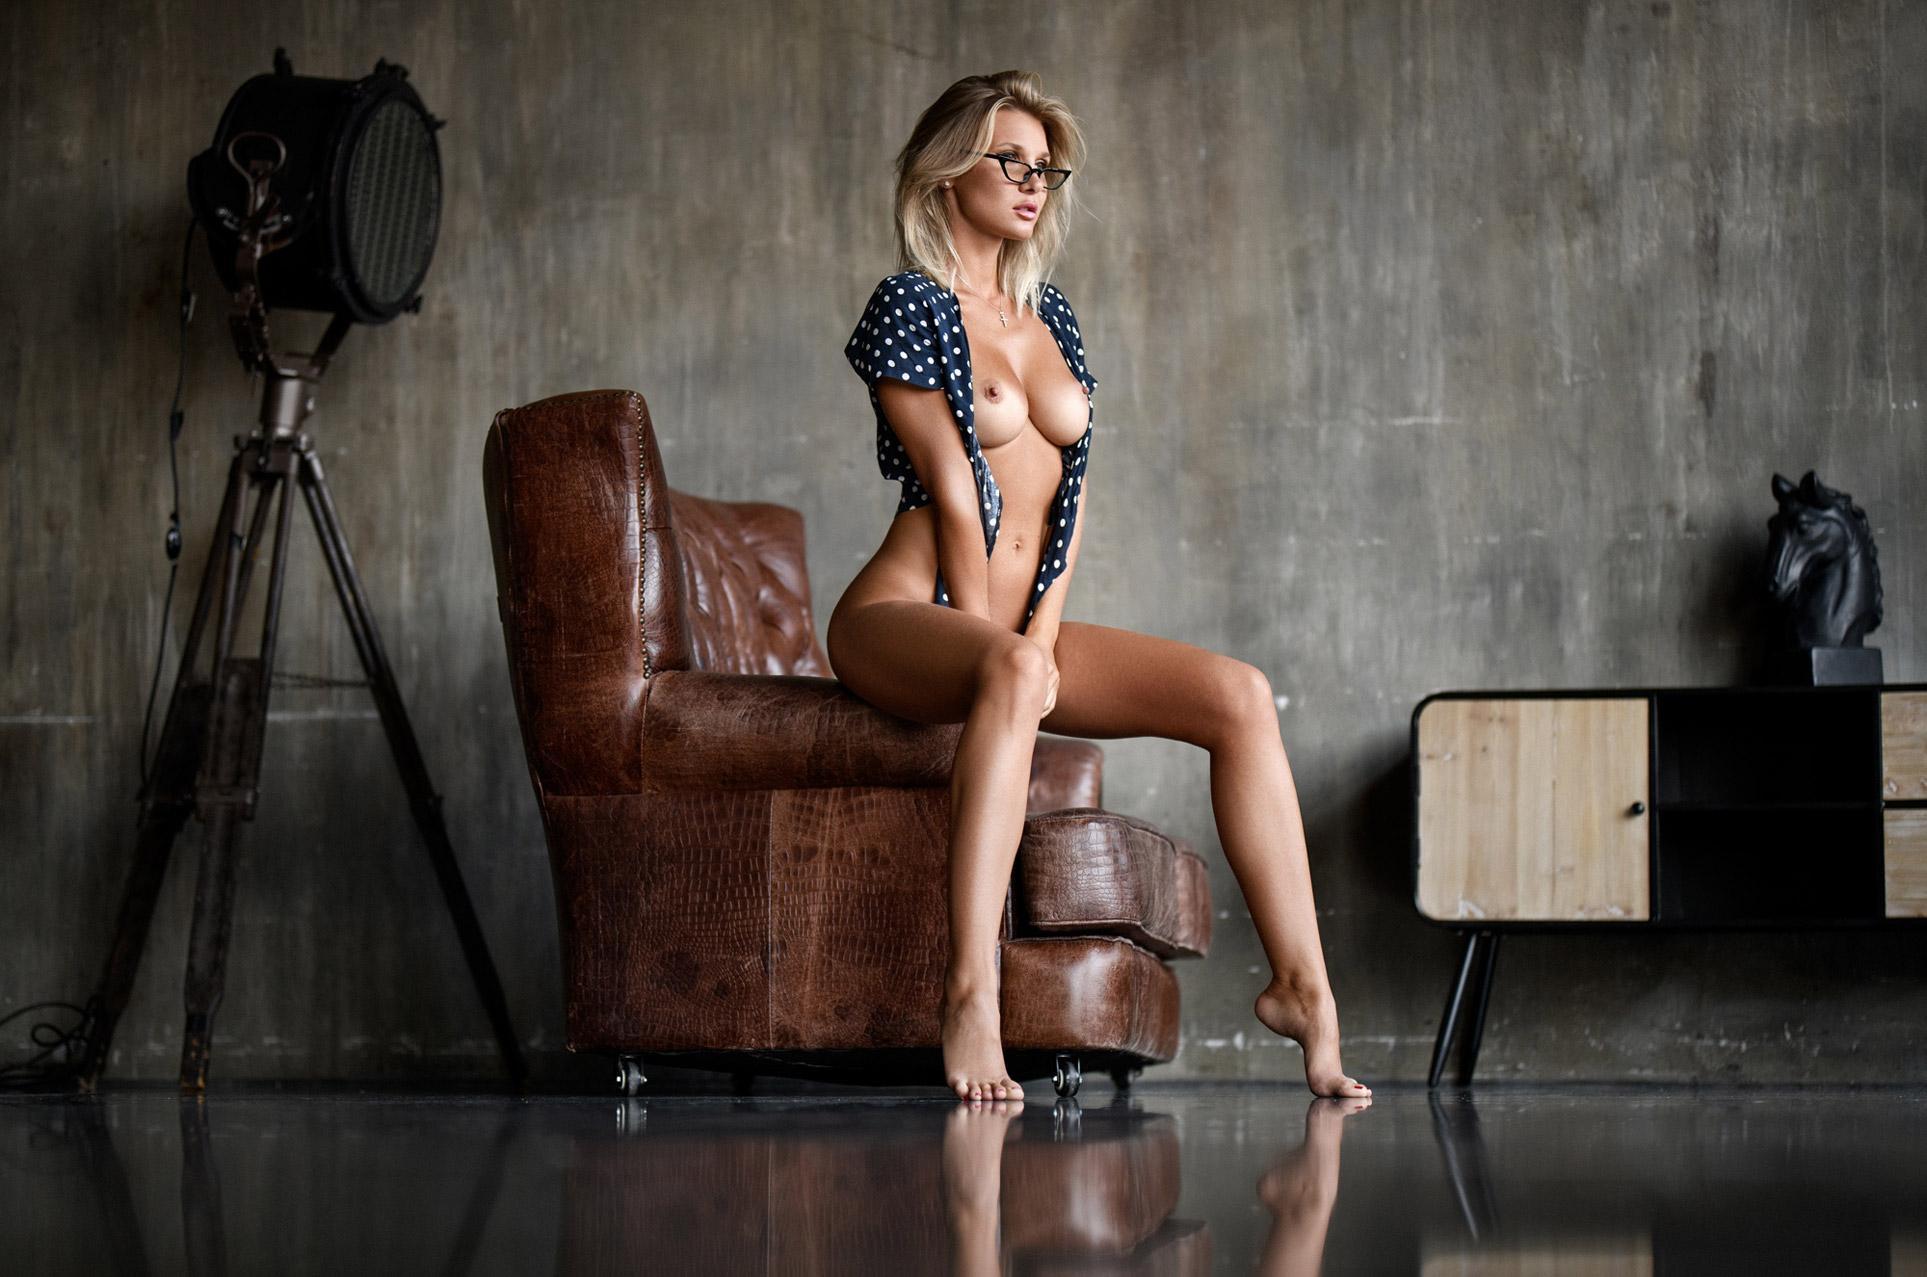 Marina Polnova - Sacha Leyendecker photoshoot